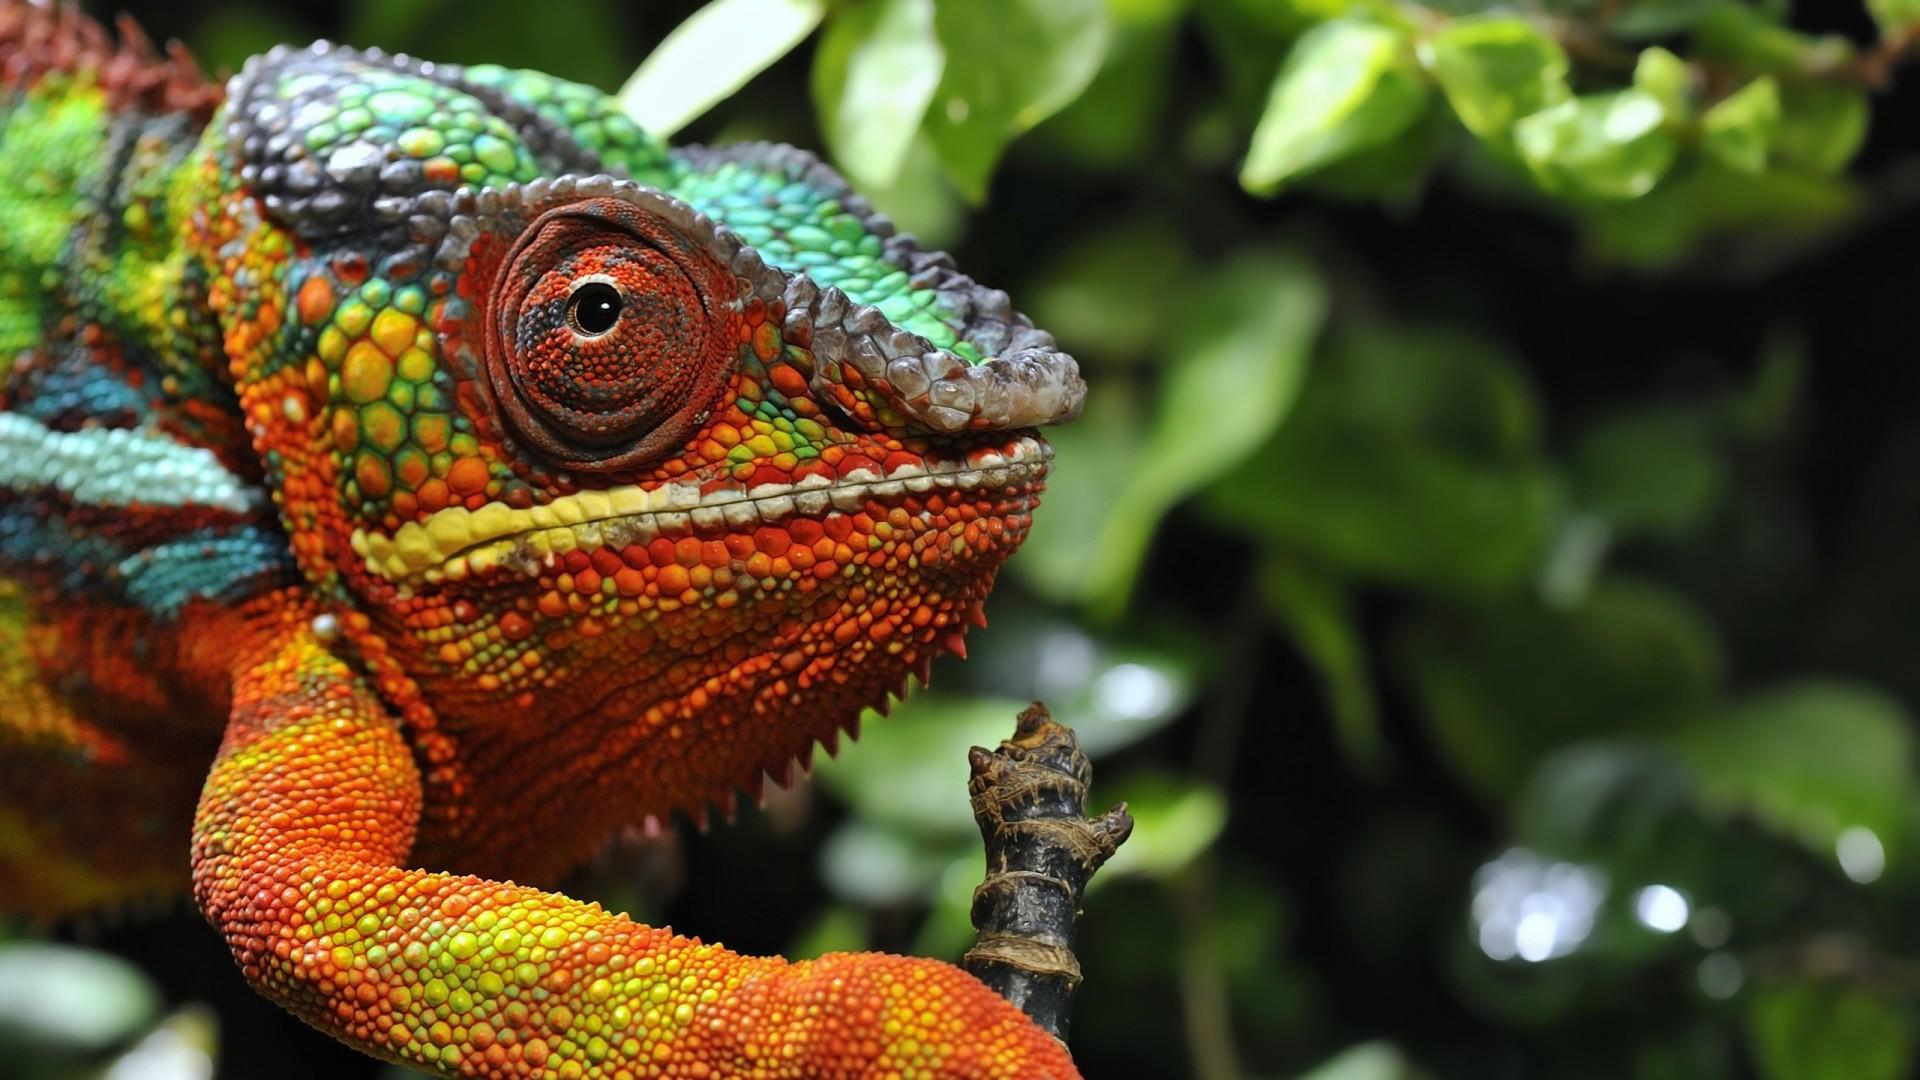 デスクトップ壁紙 自然 野生動物 イグアナ ジャングル トカゲ